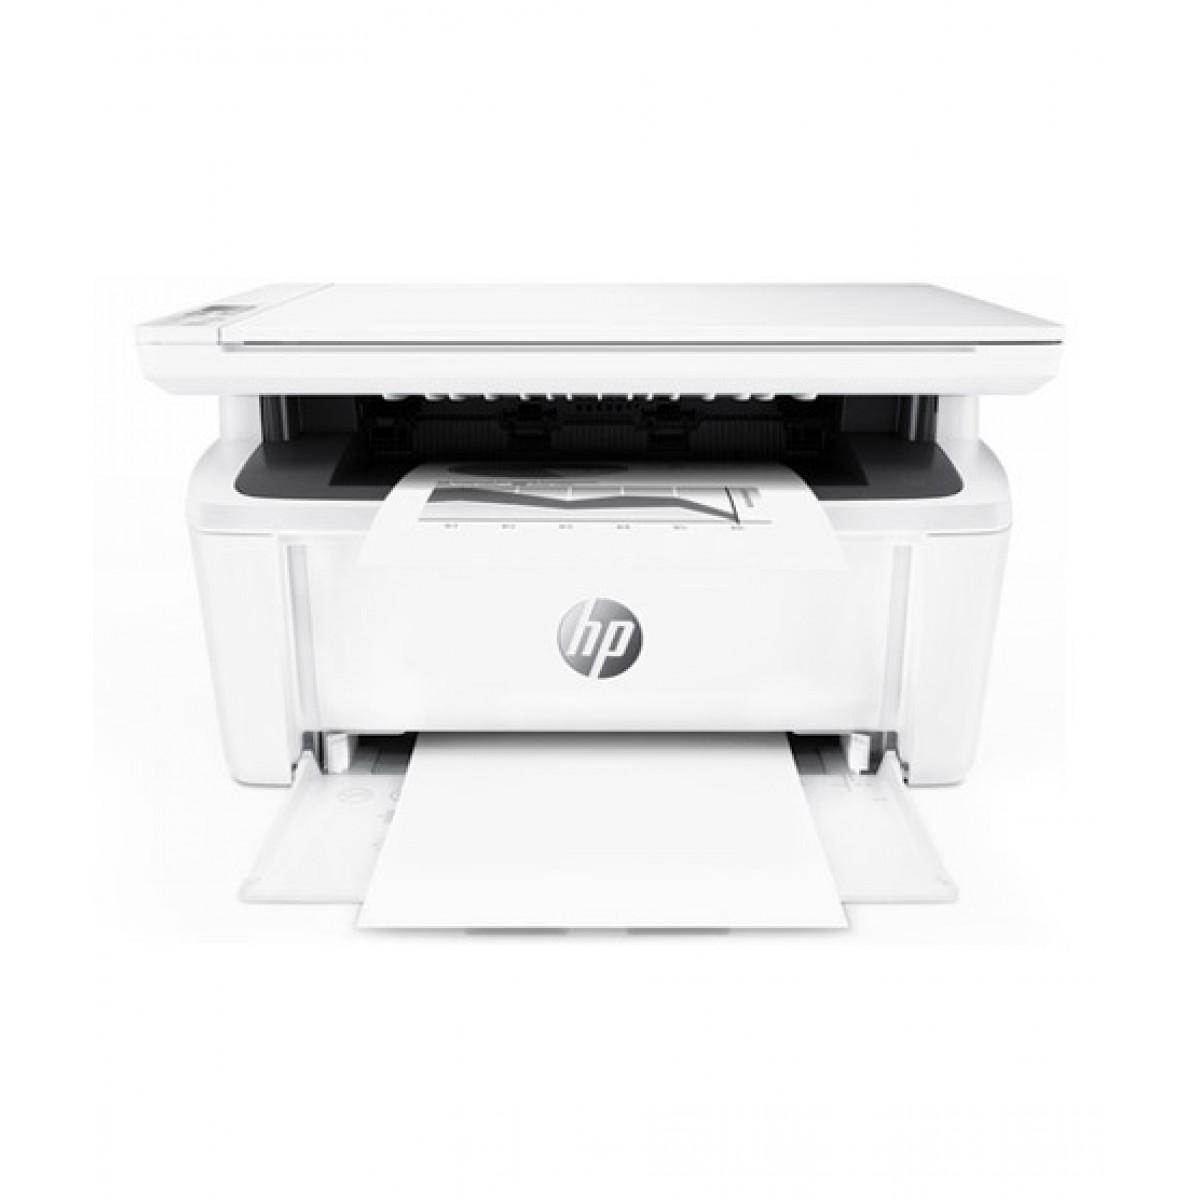 HP LaserJet Pro MFP M28w Multifunction Printer (W2G55A) - Without Warranty